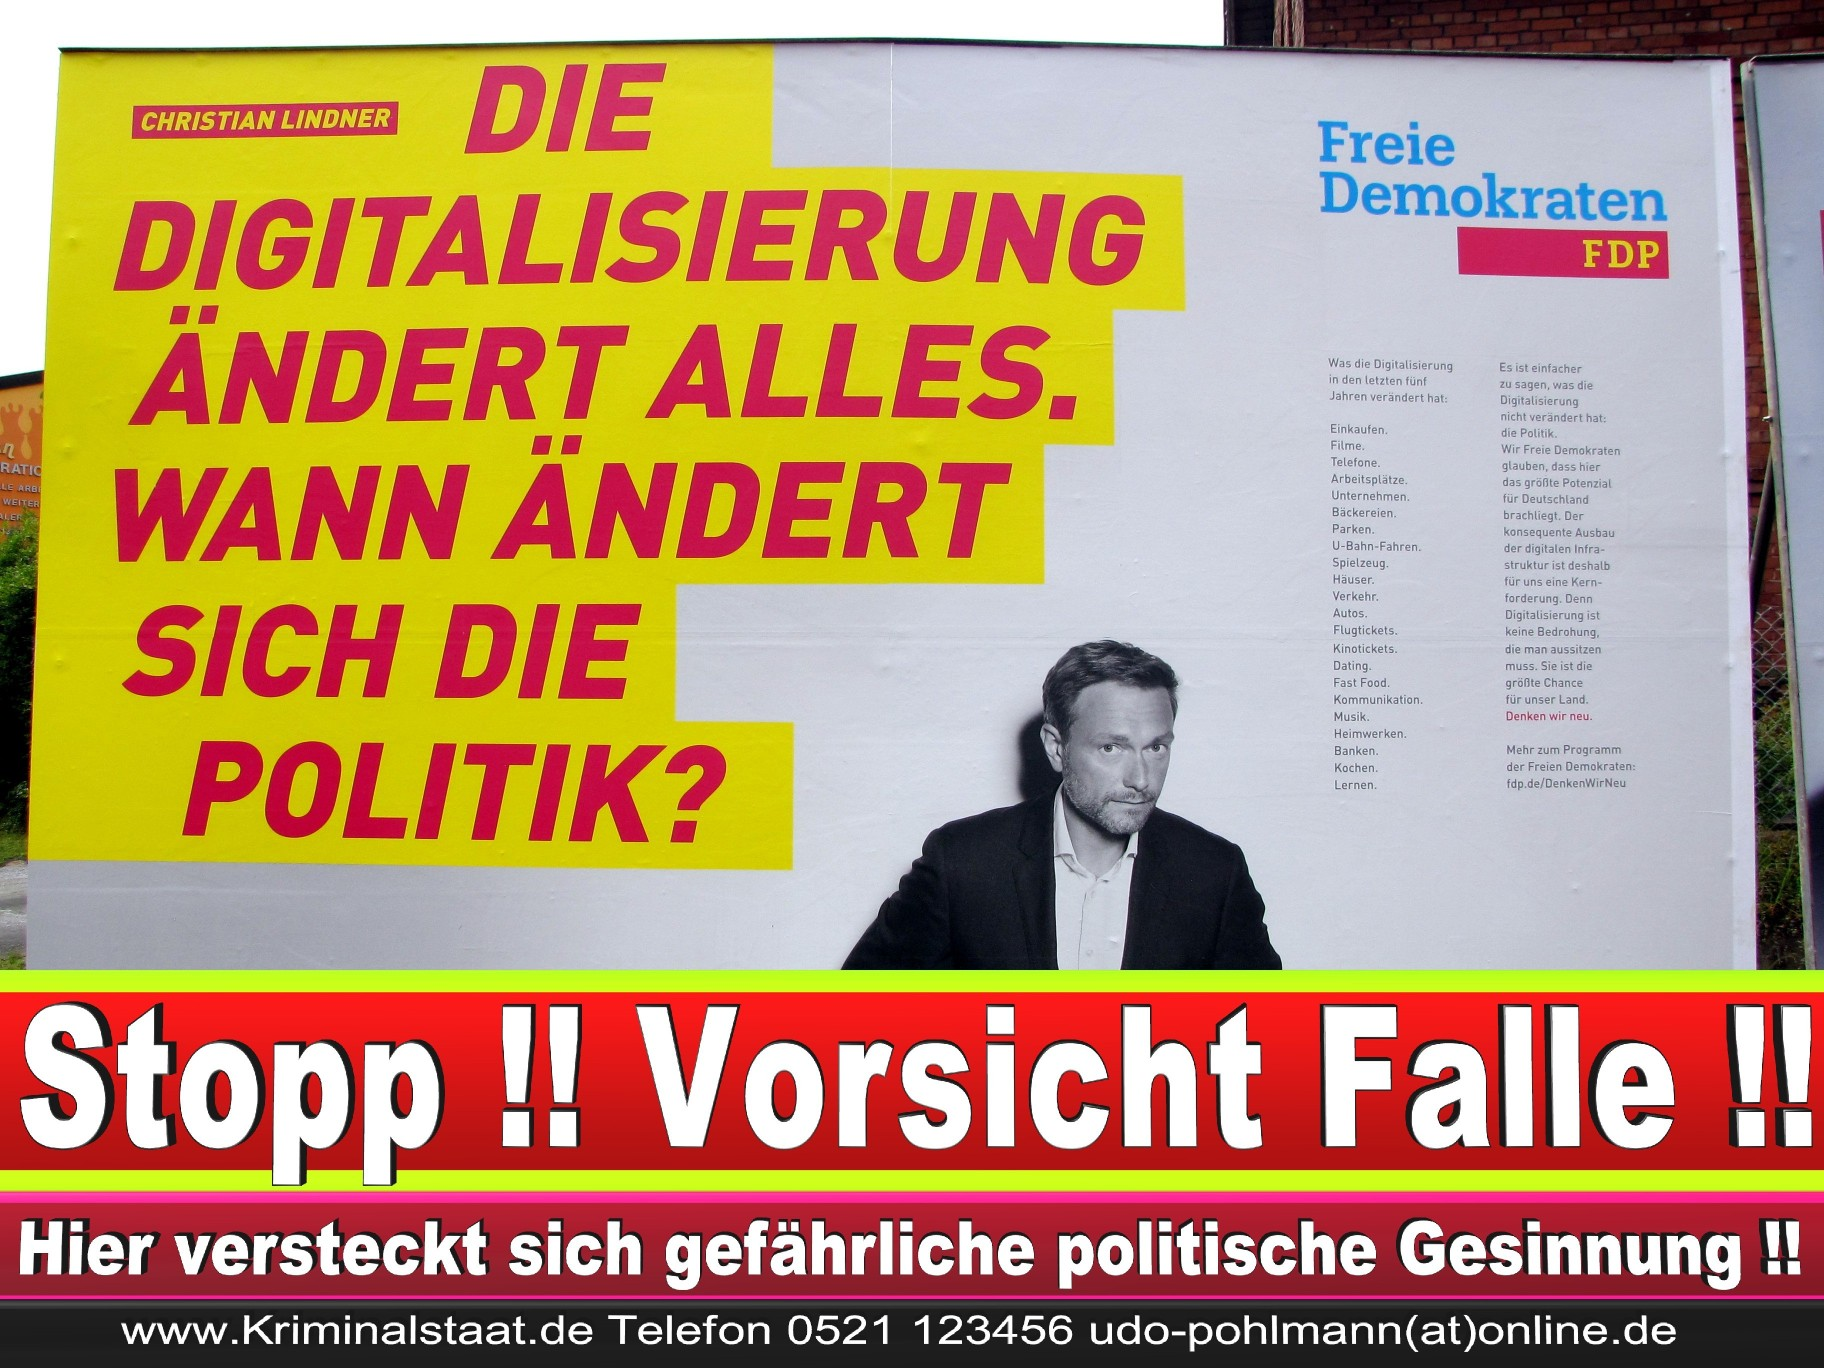 Wahlwerbung Wahlplakate Landtagswahl 2019 Europawahl CDU SPD FDP 2021 (94)